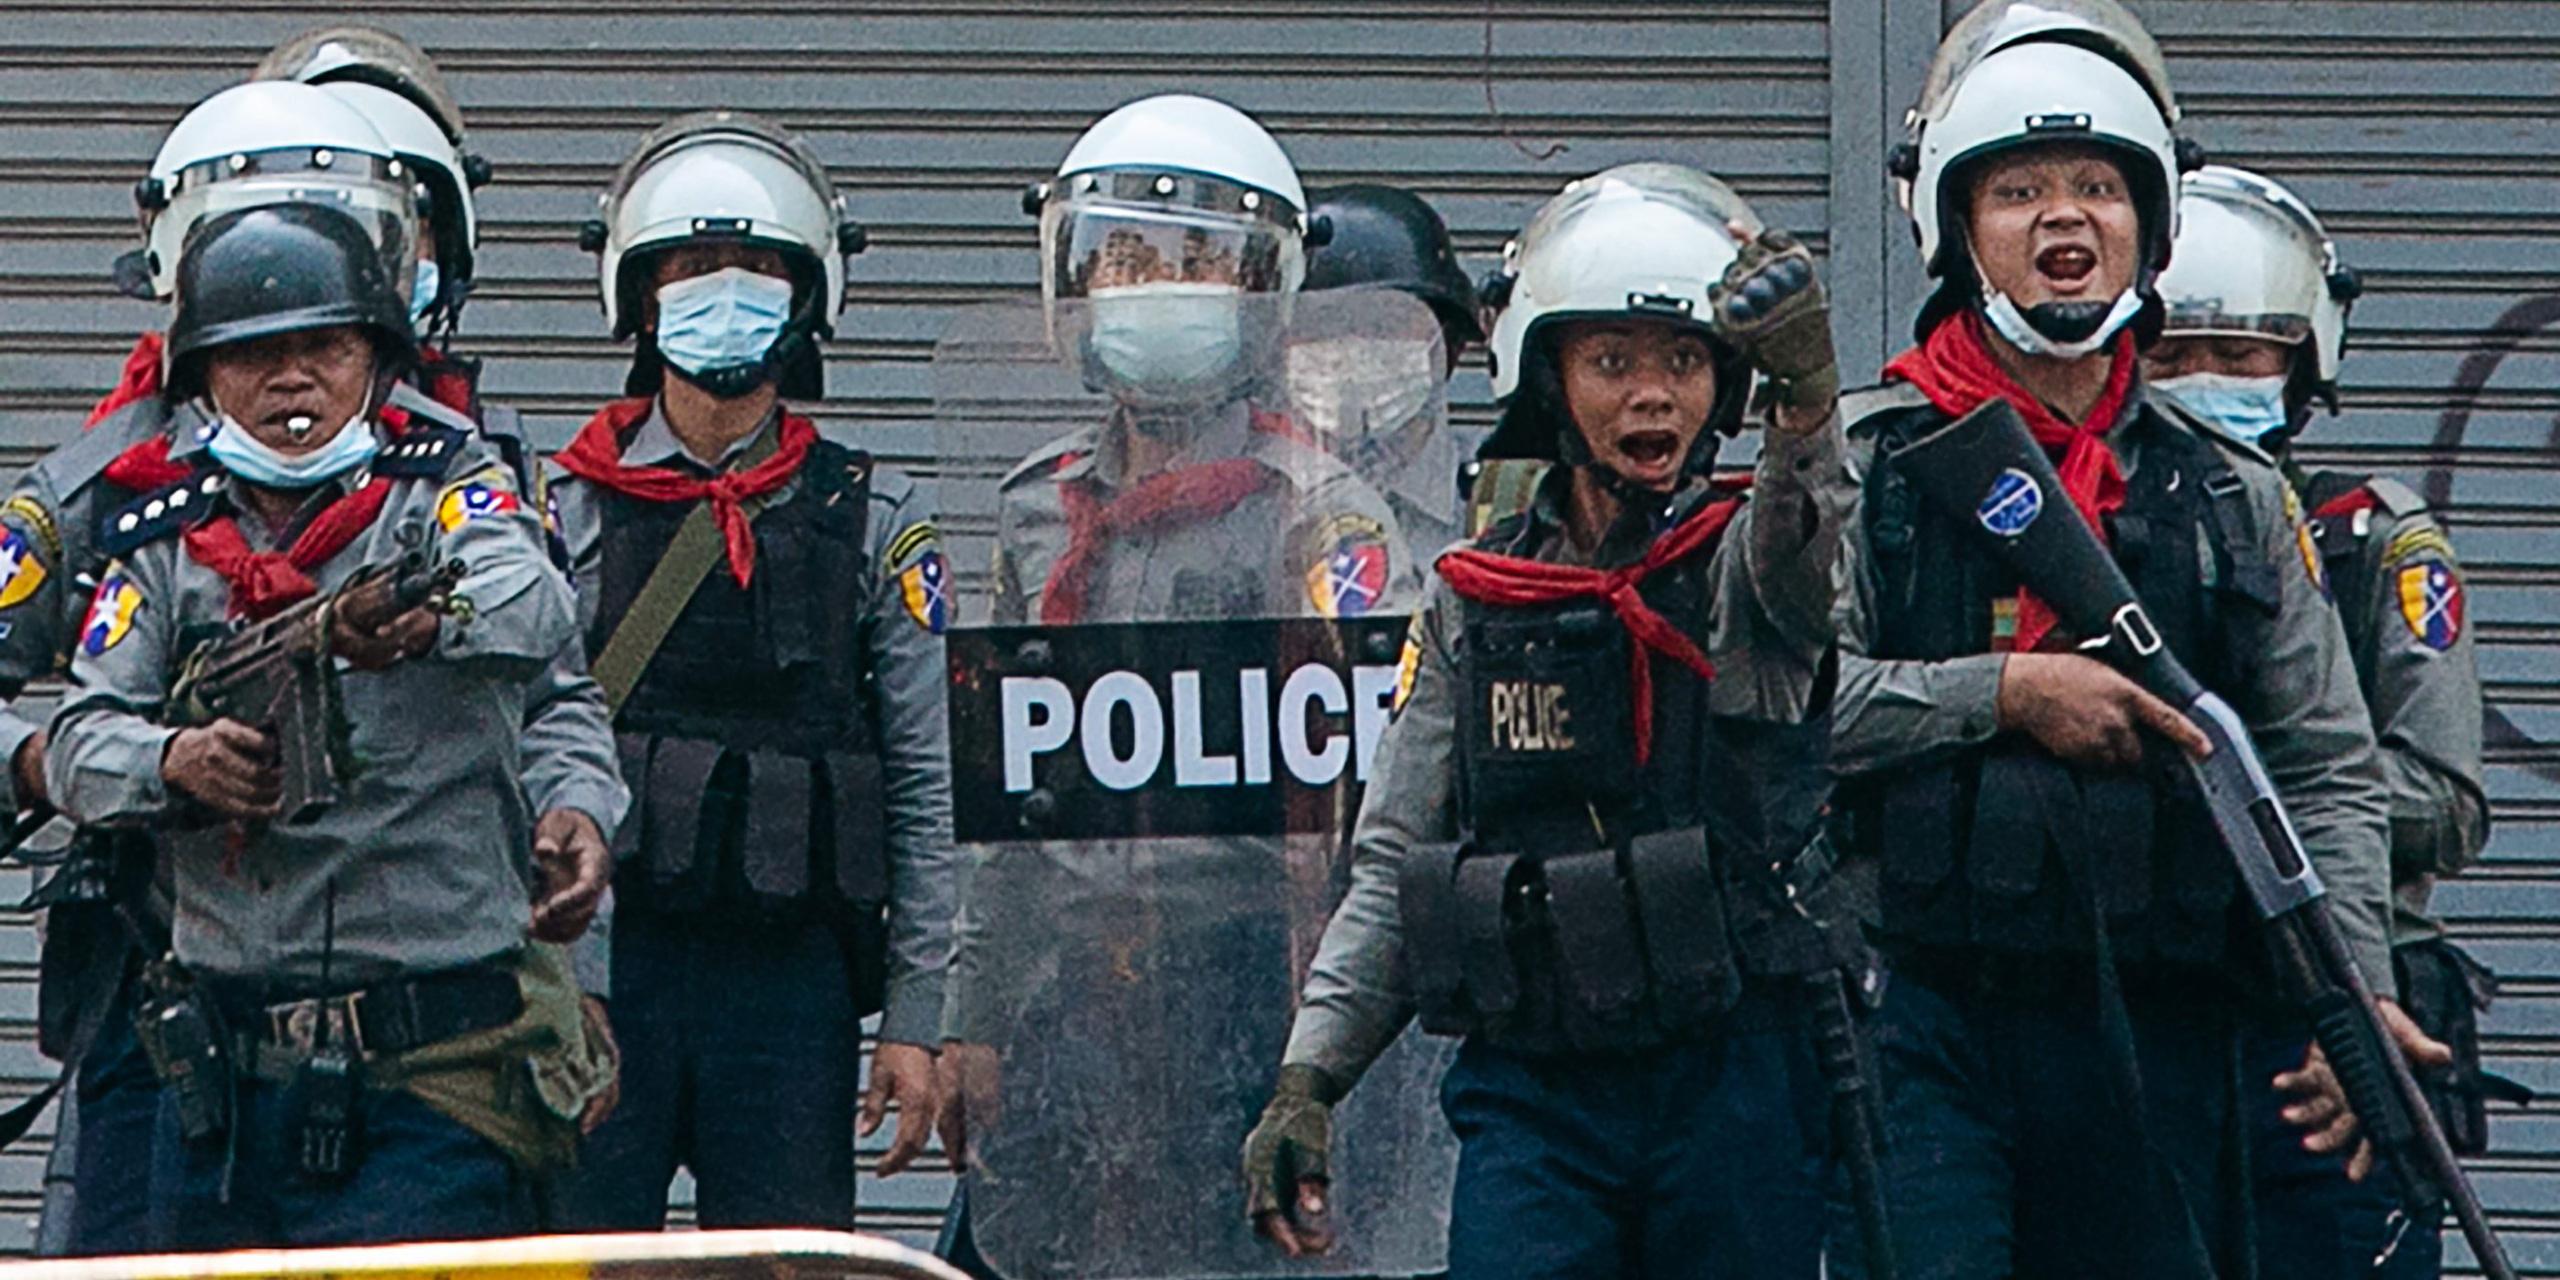 Cảnh sát Myanmar tiếp tục nổ súng, 9 người biểu tình thiệt mạng - Ảnh 2.